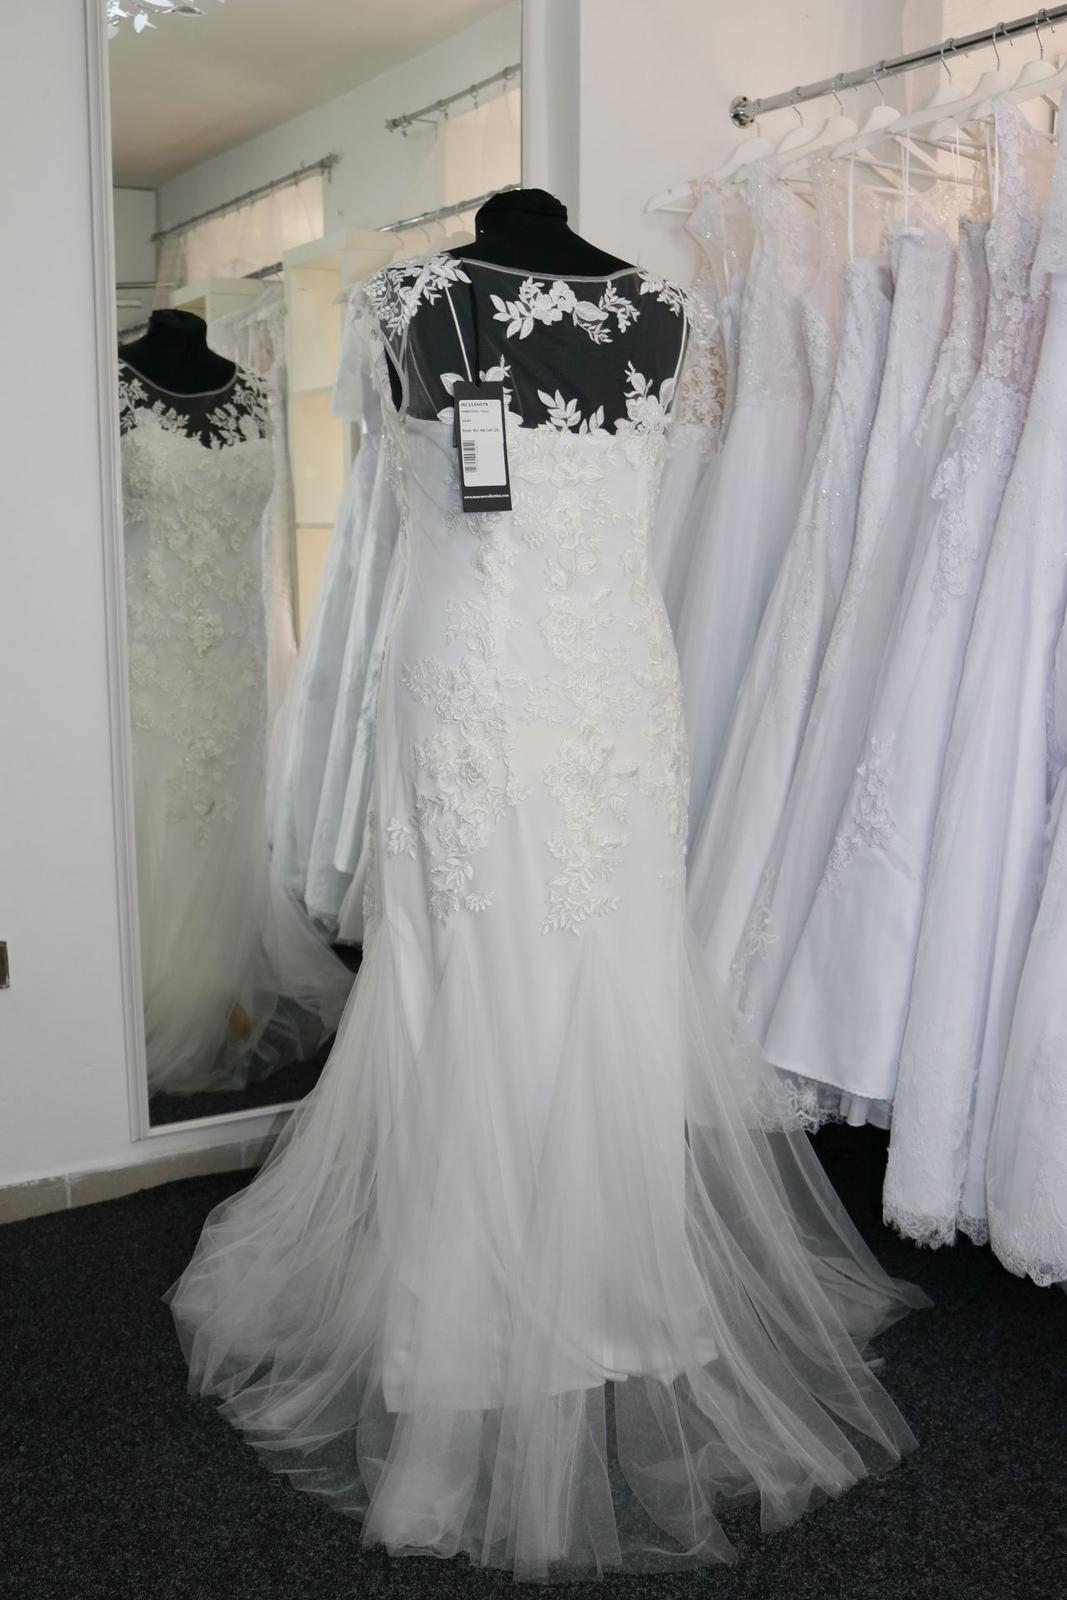 Nové svatební šaty krajkové vel. 46 - Obrázek č. 3